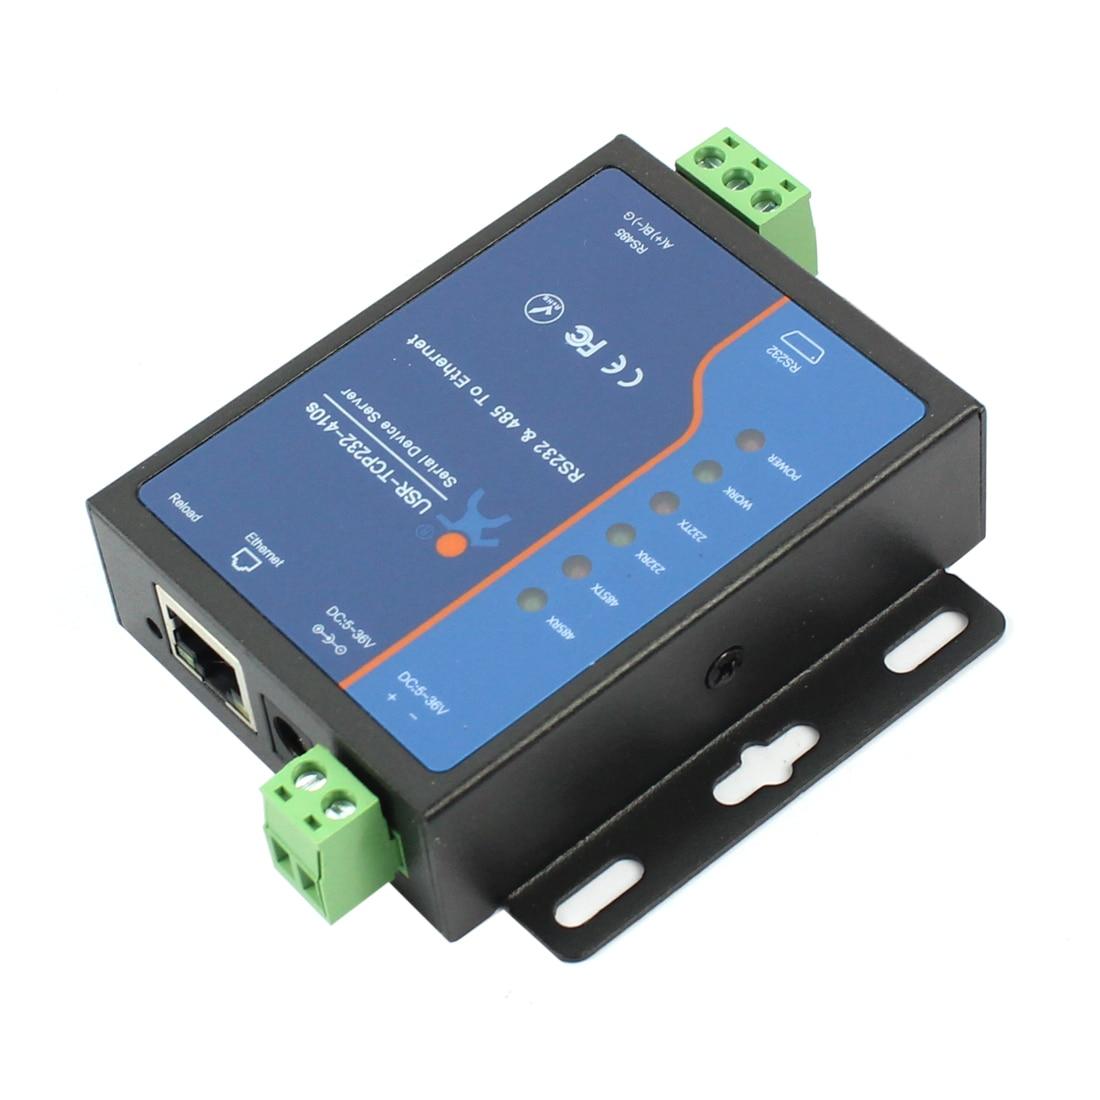 Терминал питания USRIOT USR-TCP232-410S Q18039, RS232 RS485 к TCP/IP конвертер, серийный Ethernet